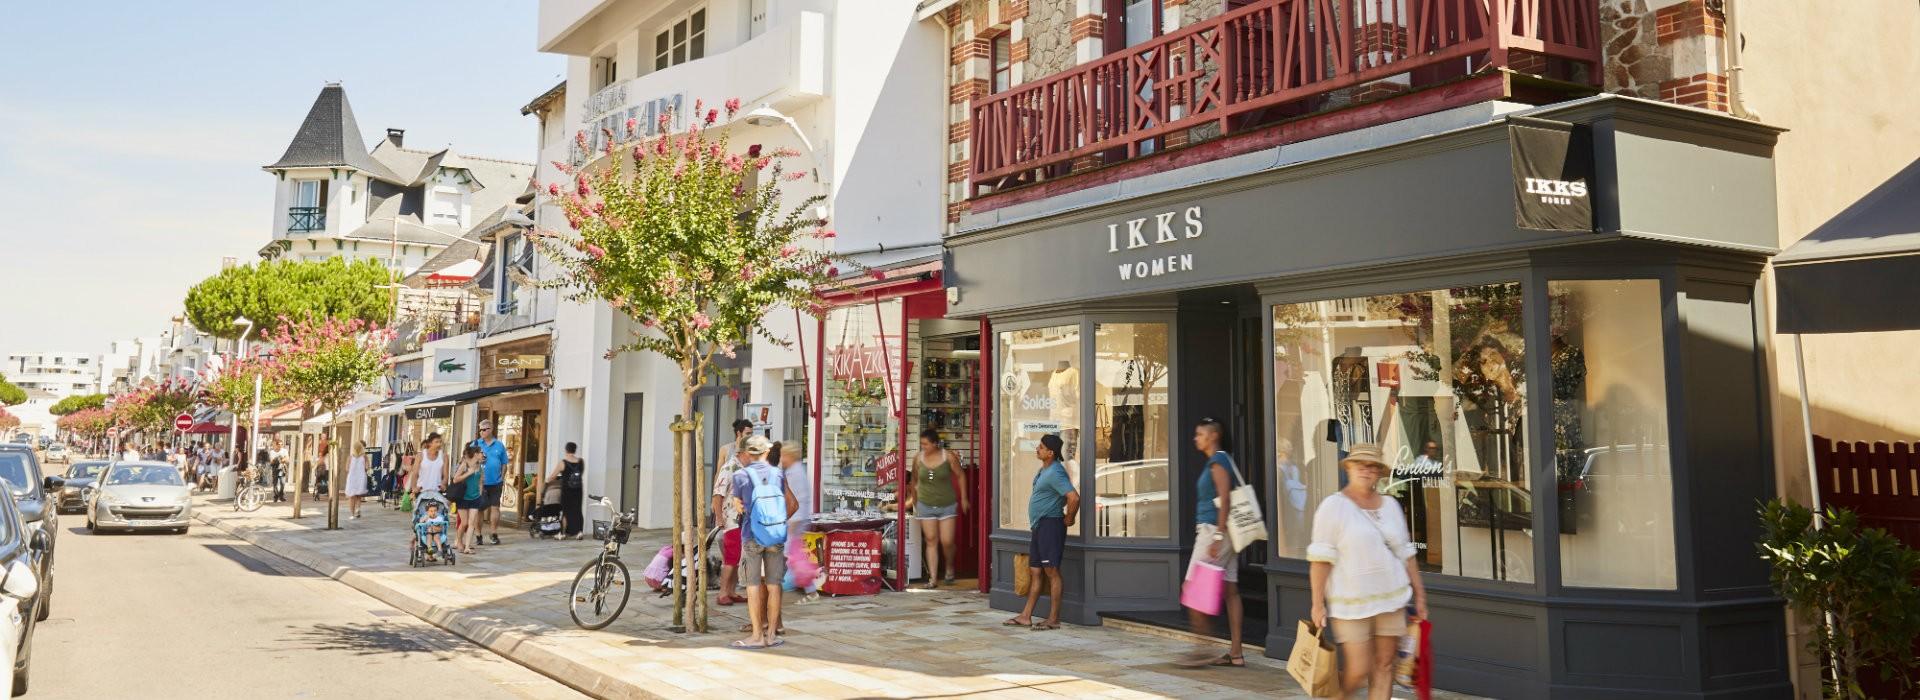 Shopping - Avenue de Gaulle La Baule - Alexandre Lamoureux